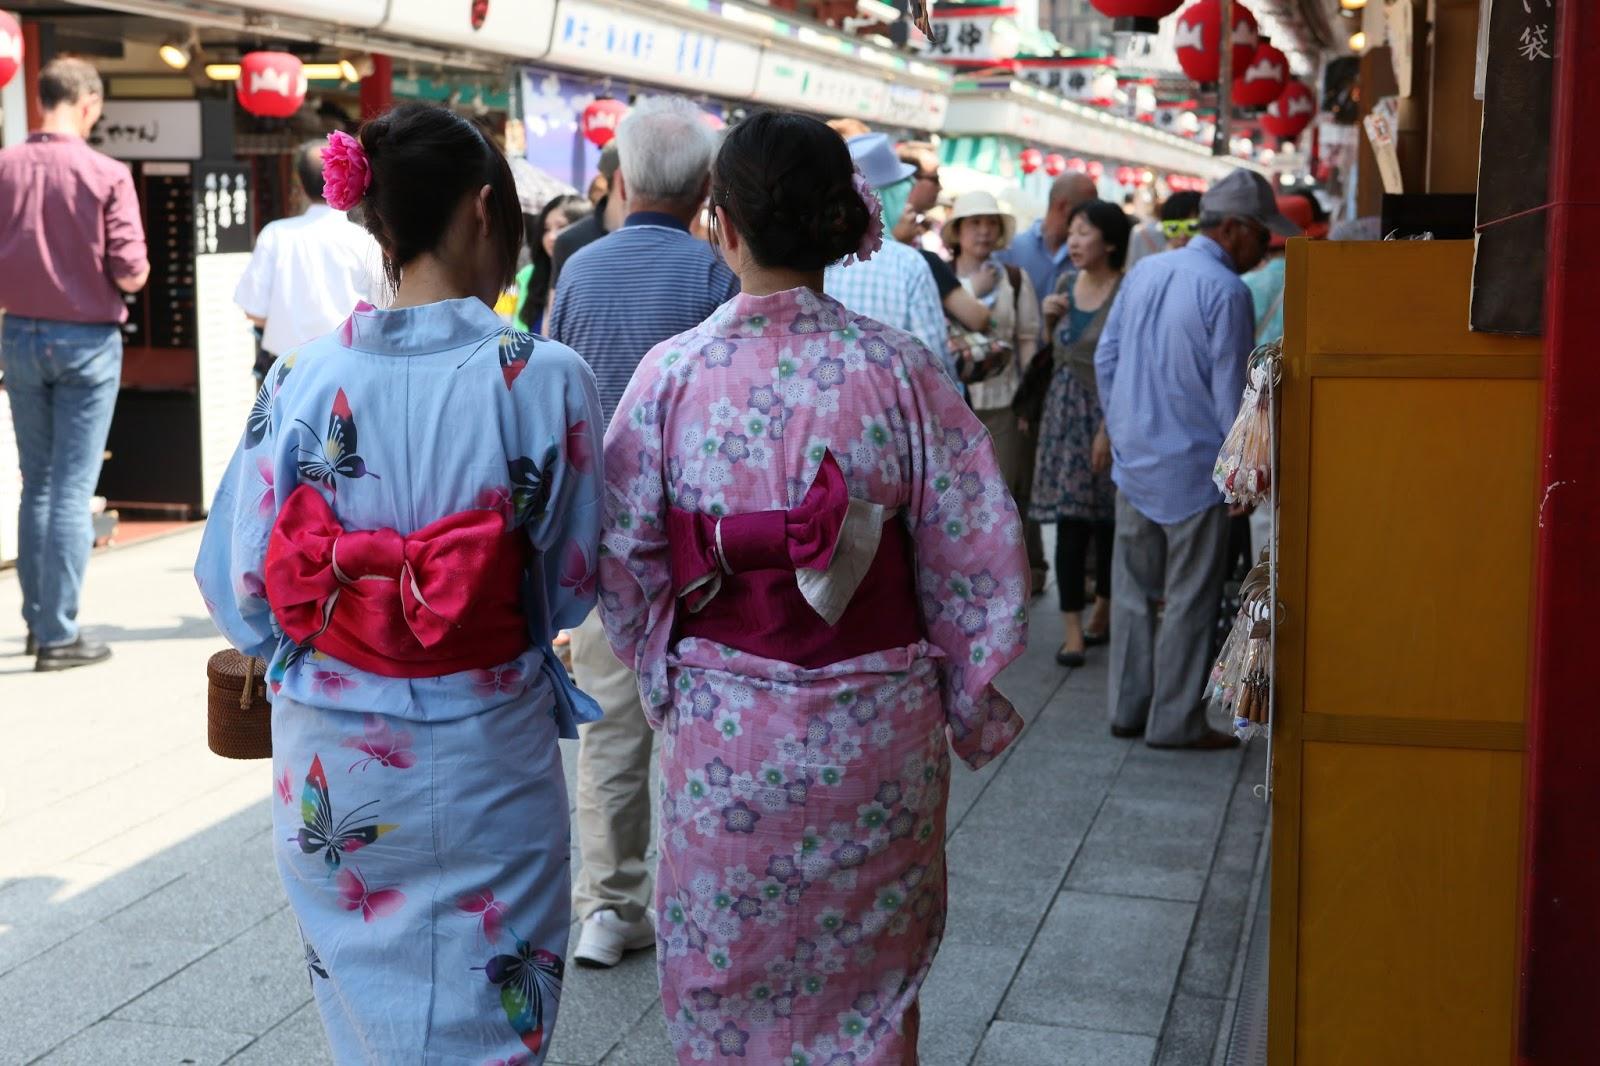 f56489d8d2b4 Kai no kushi Musubi (貝の口結び) Nœud en forme de coquillage, voir de palourde.  Il est porté aussi bien par les hommes que les femmes (avec un haubana obi).